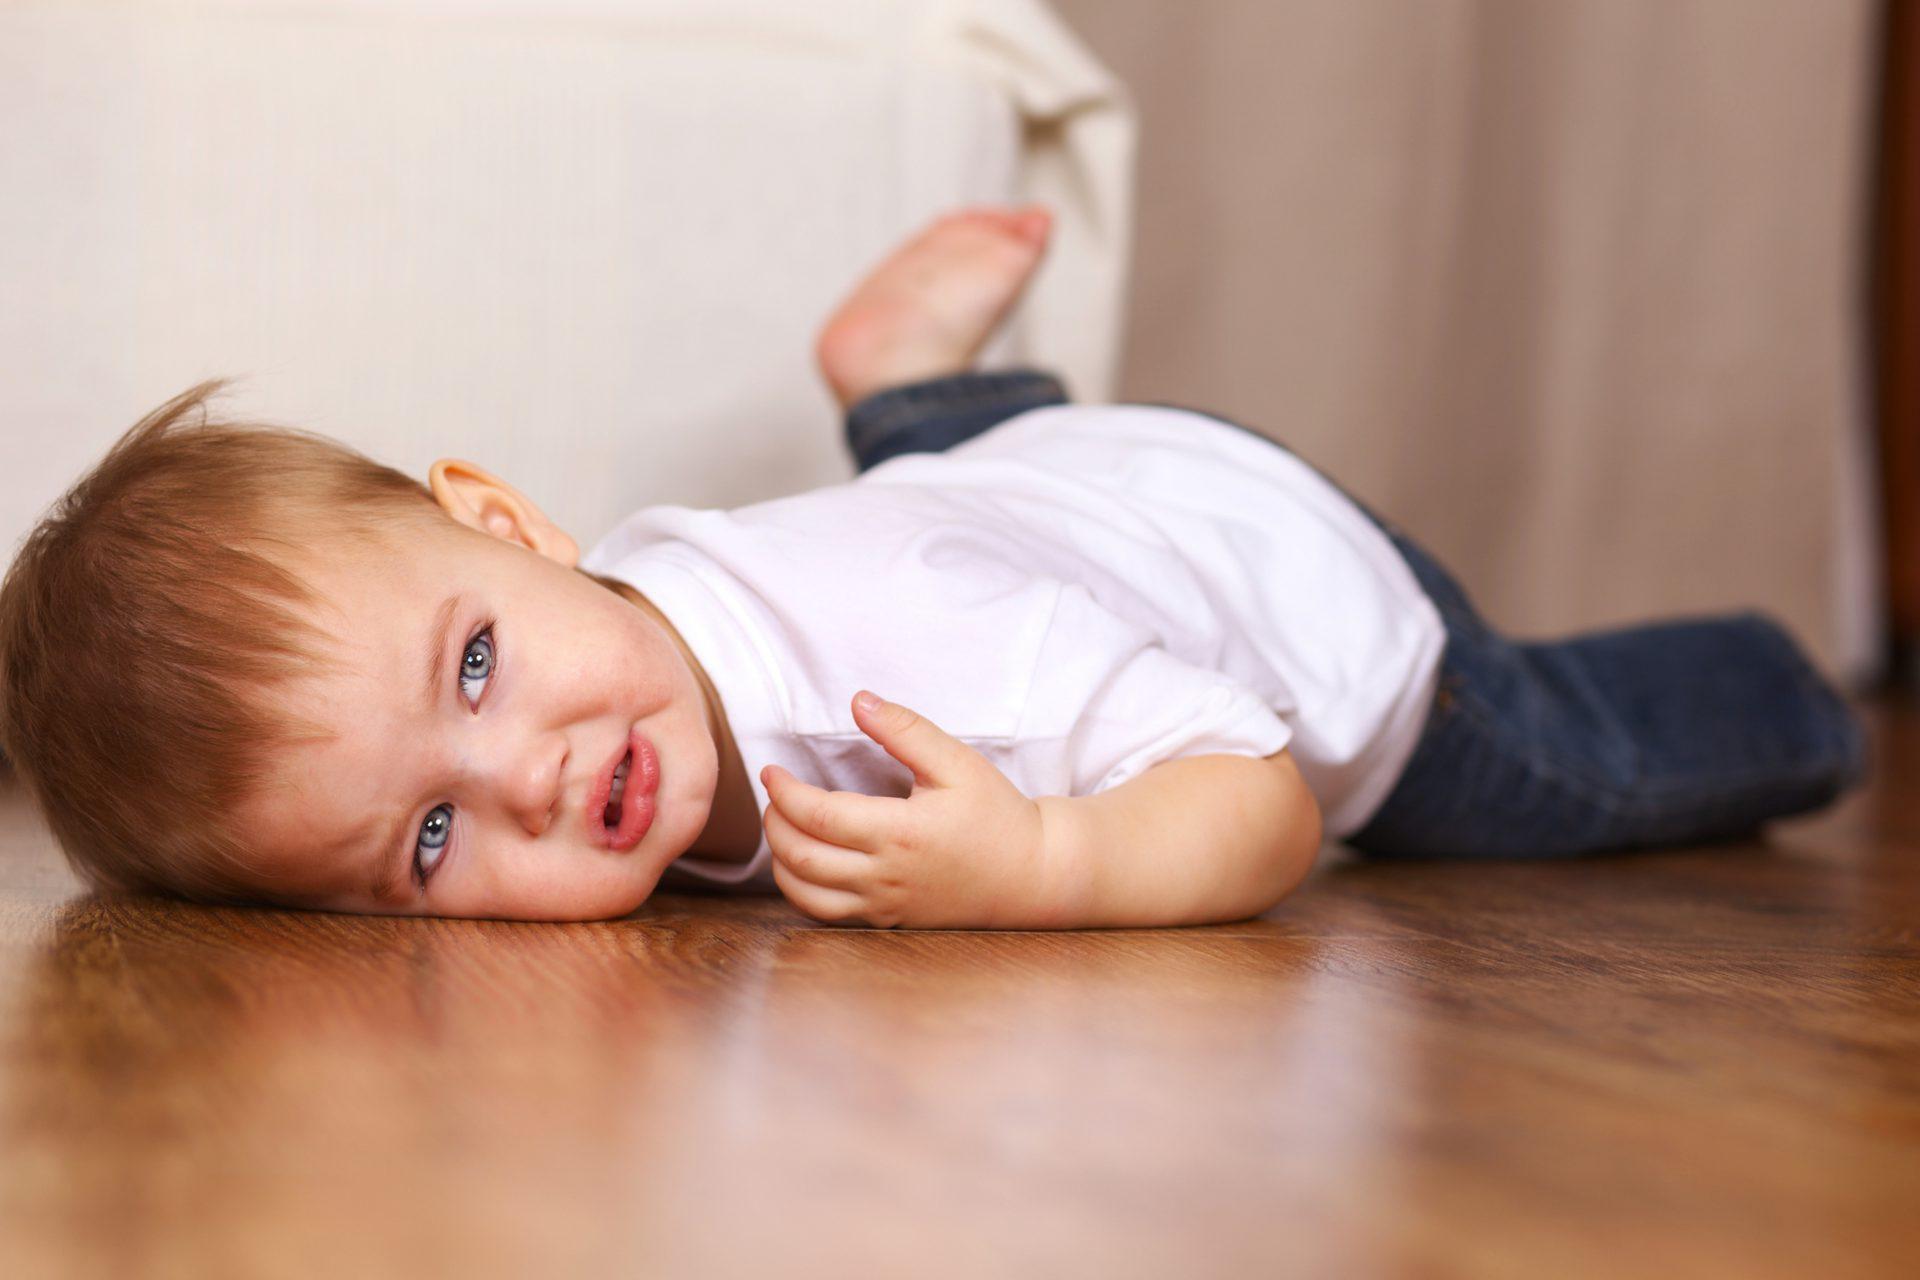 برجاء الاهتمام بالطفل حتي وإن كان كلما غضب يرمى نفسه على الارض